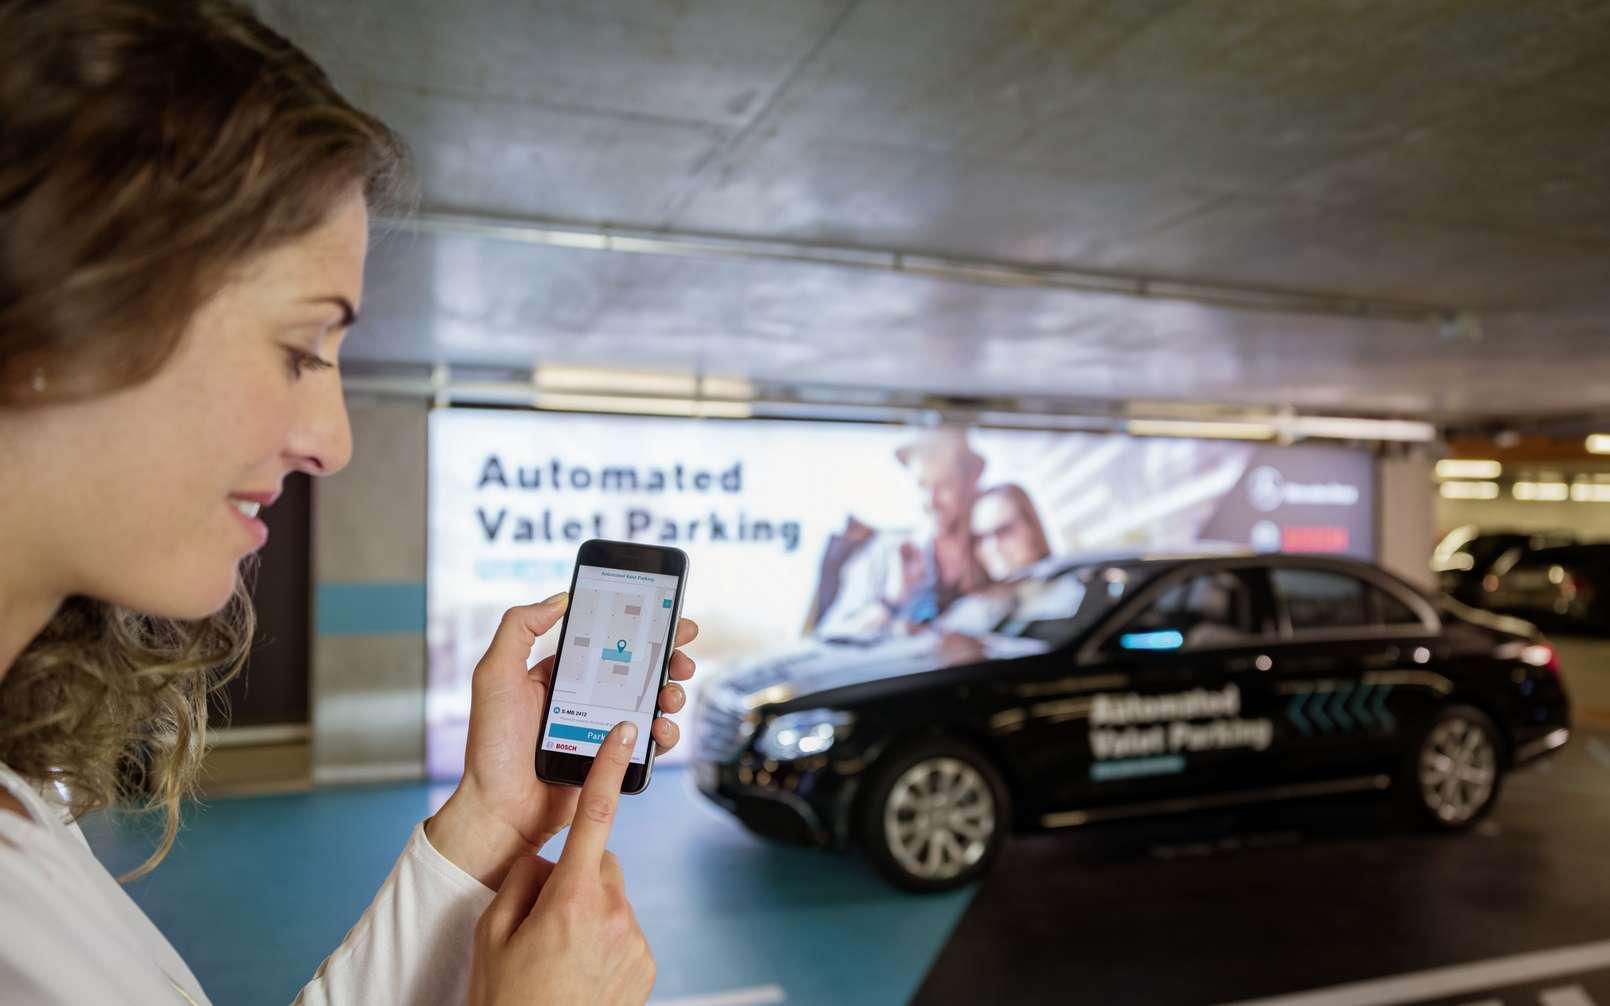 Le service de valet de parking autonome de Bosch et Mercedes-Benz. © Mercedes-Benz